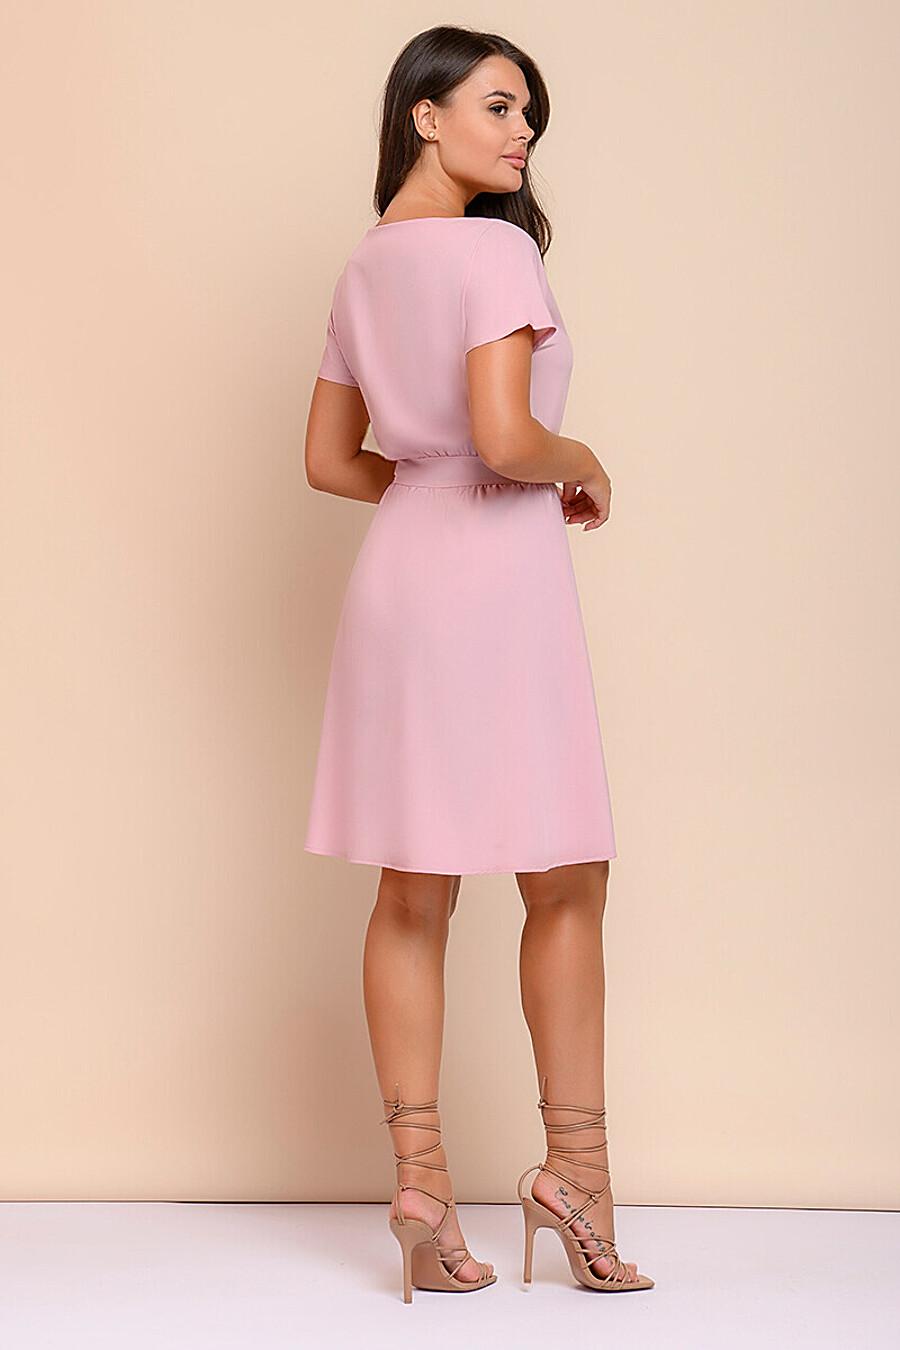 Платье для женщин 1001 DRESS 683232 купить оптом от производителя. Совместная покупка женской одежды в OptMoyo